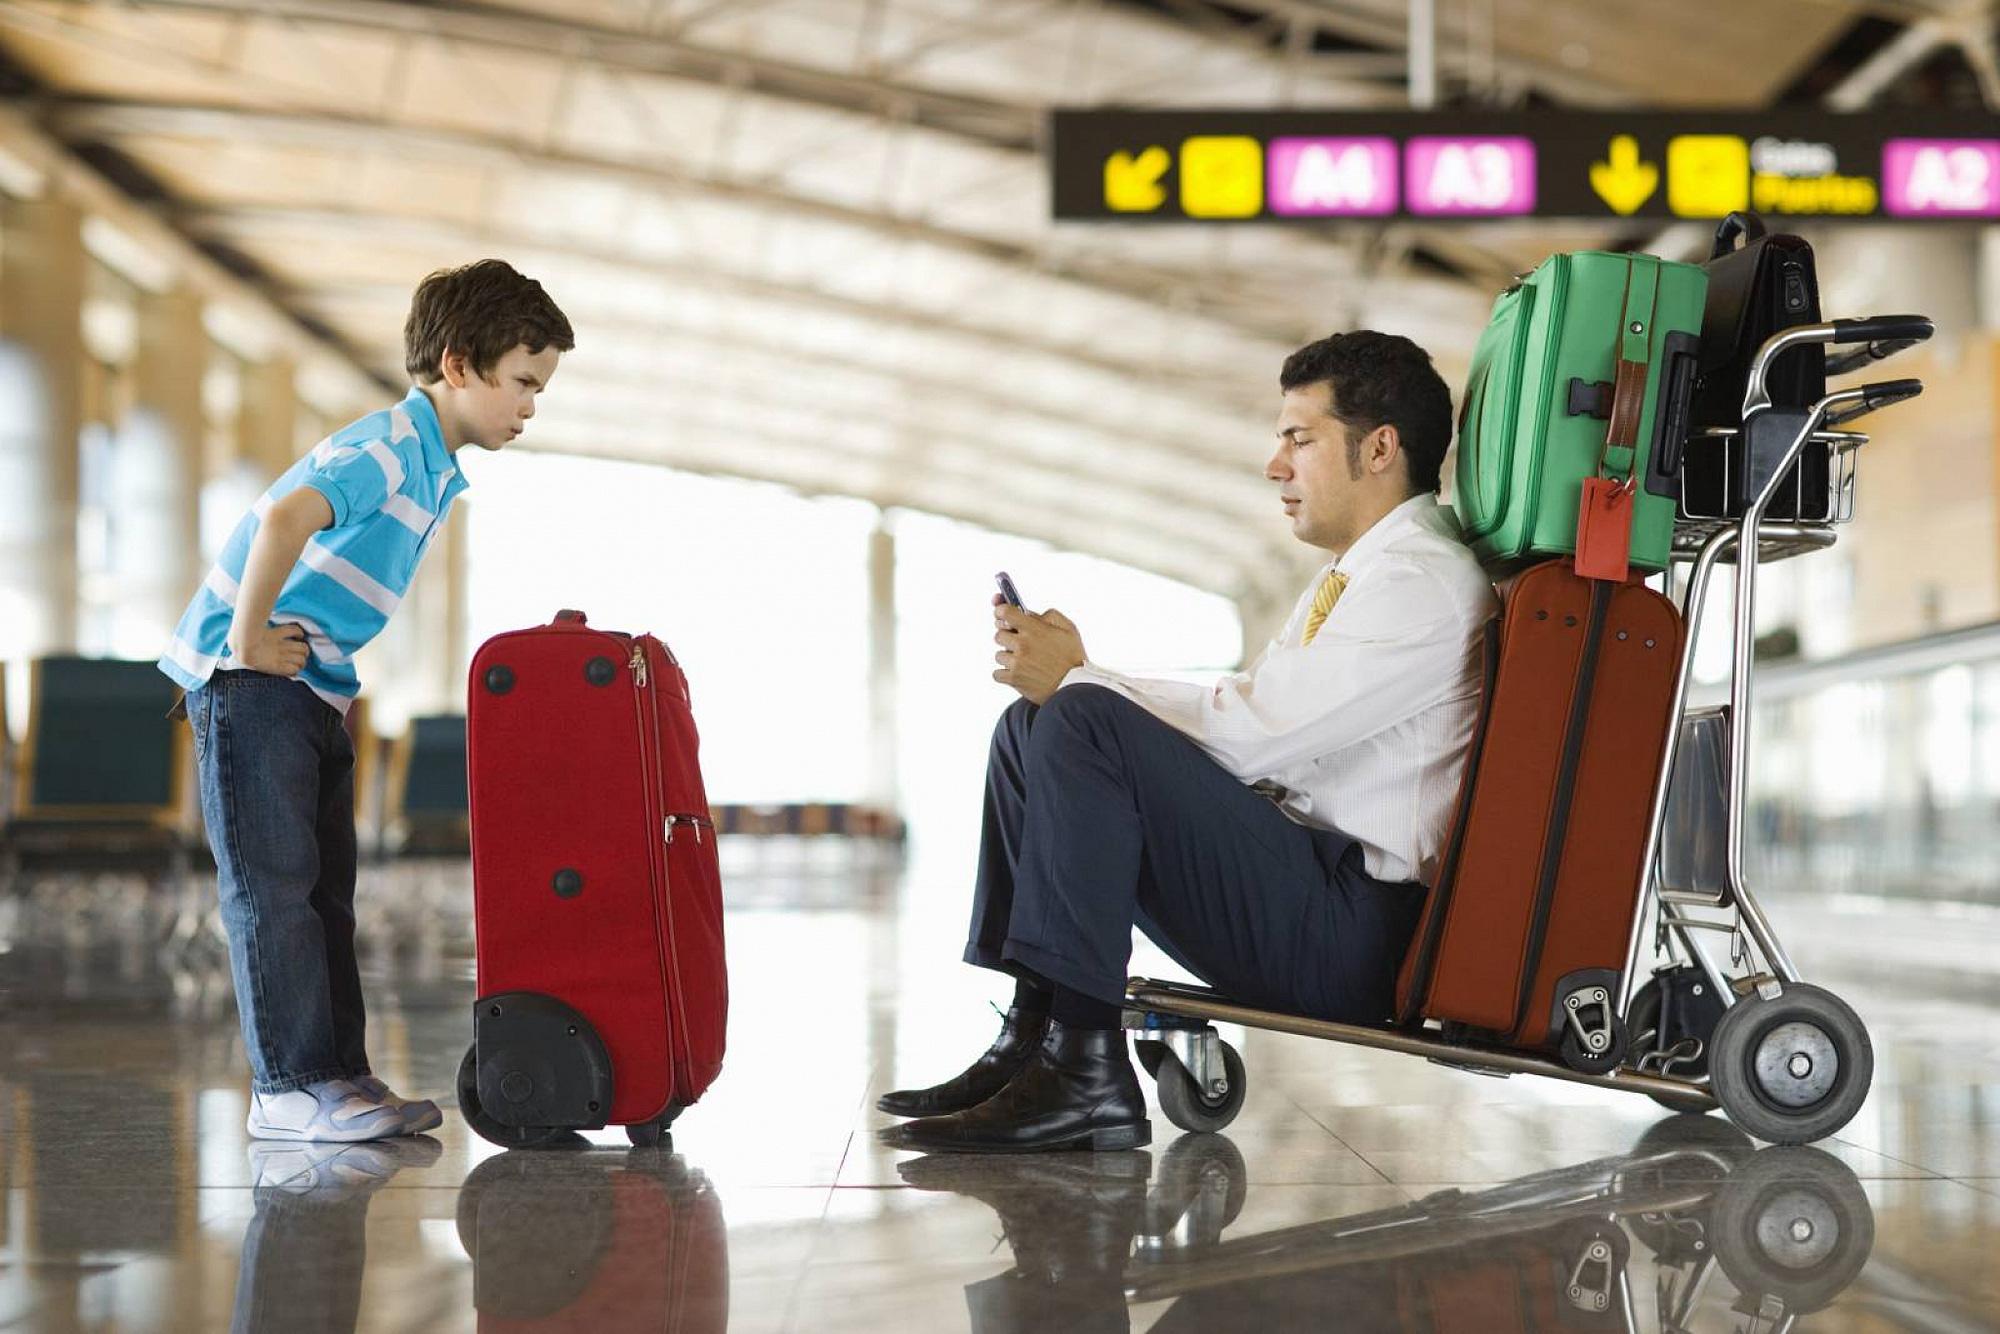 Nở rộ những gói combo du lịch giá rẻ dịp đầu năm, trước khi xuống tiền chị em cần cân nhắc những điều được mất  - Ảnh 7.